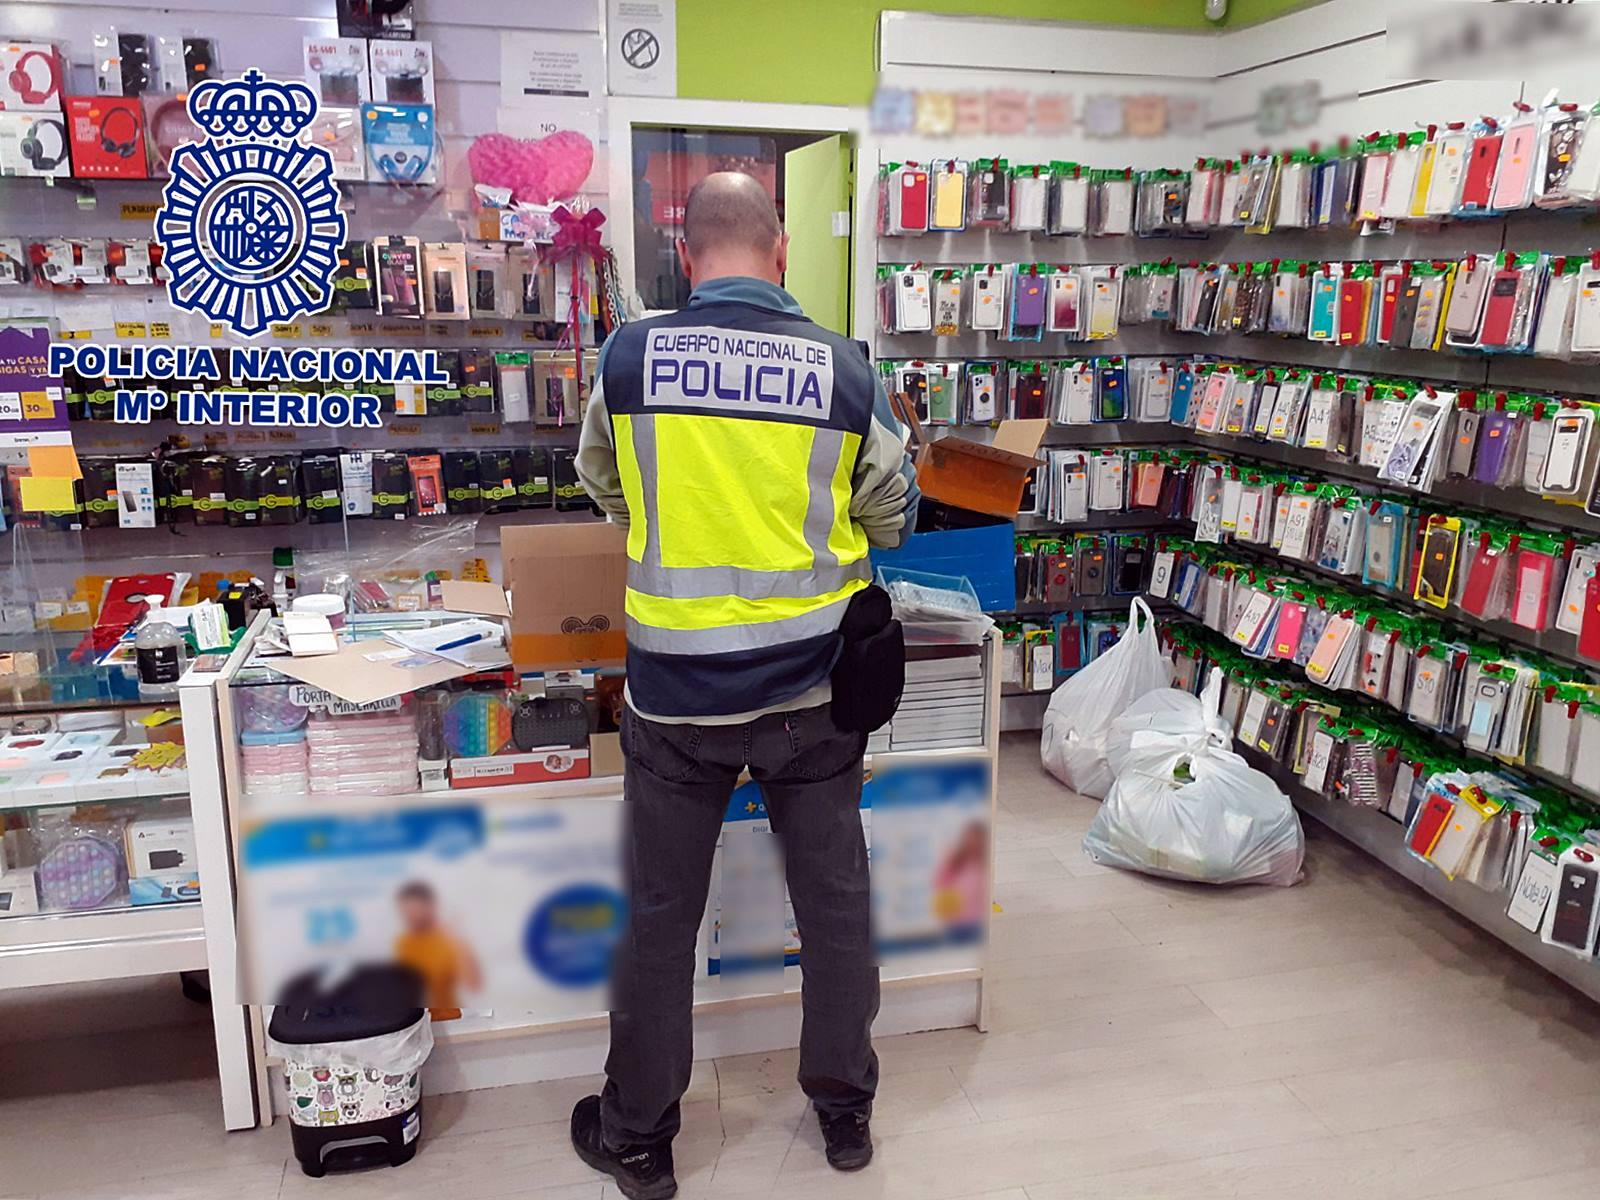 La Policía Nacional detiene a cinco propietarios de establecimientos en Alicante que tenían a la venta más de 3.300 efectos de telefonía falsificados